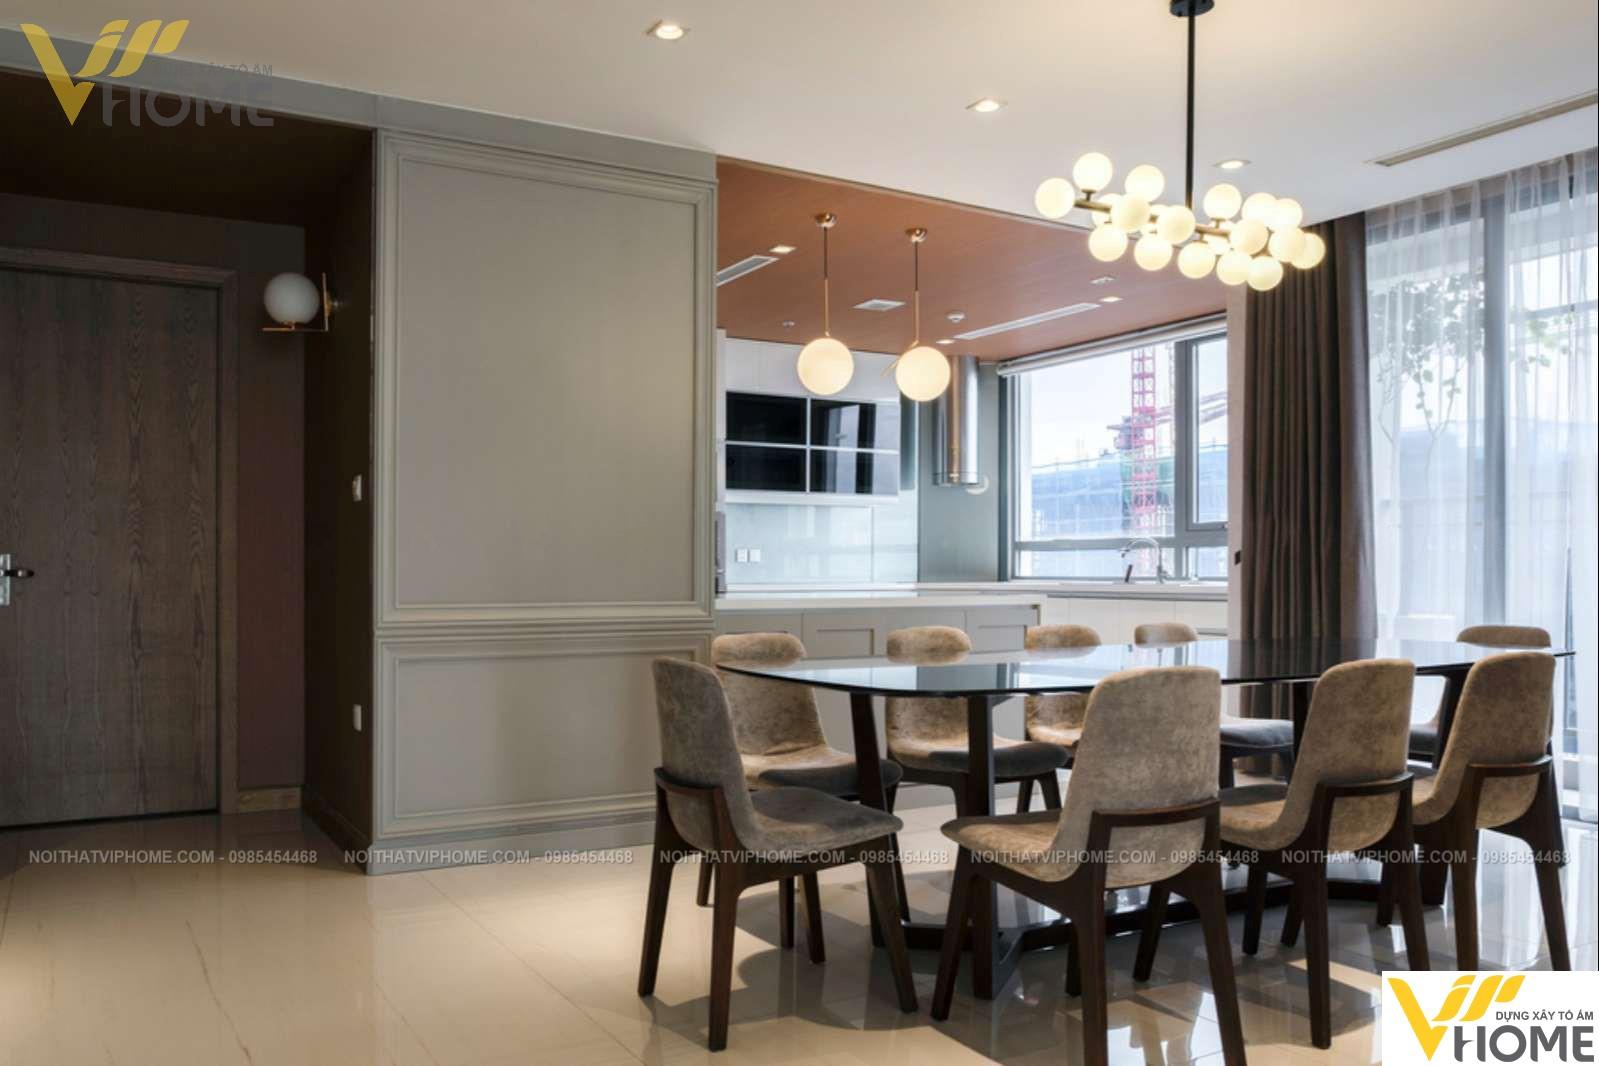 Thiết kế thi công nội thất chung cư sang trọng đẹp